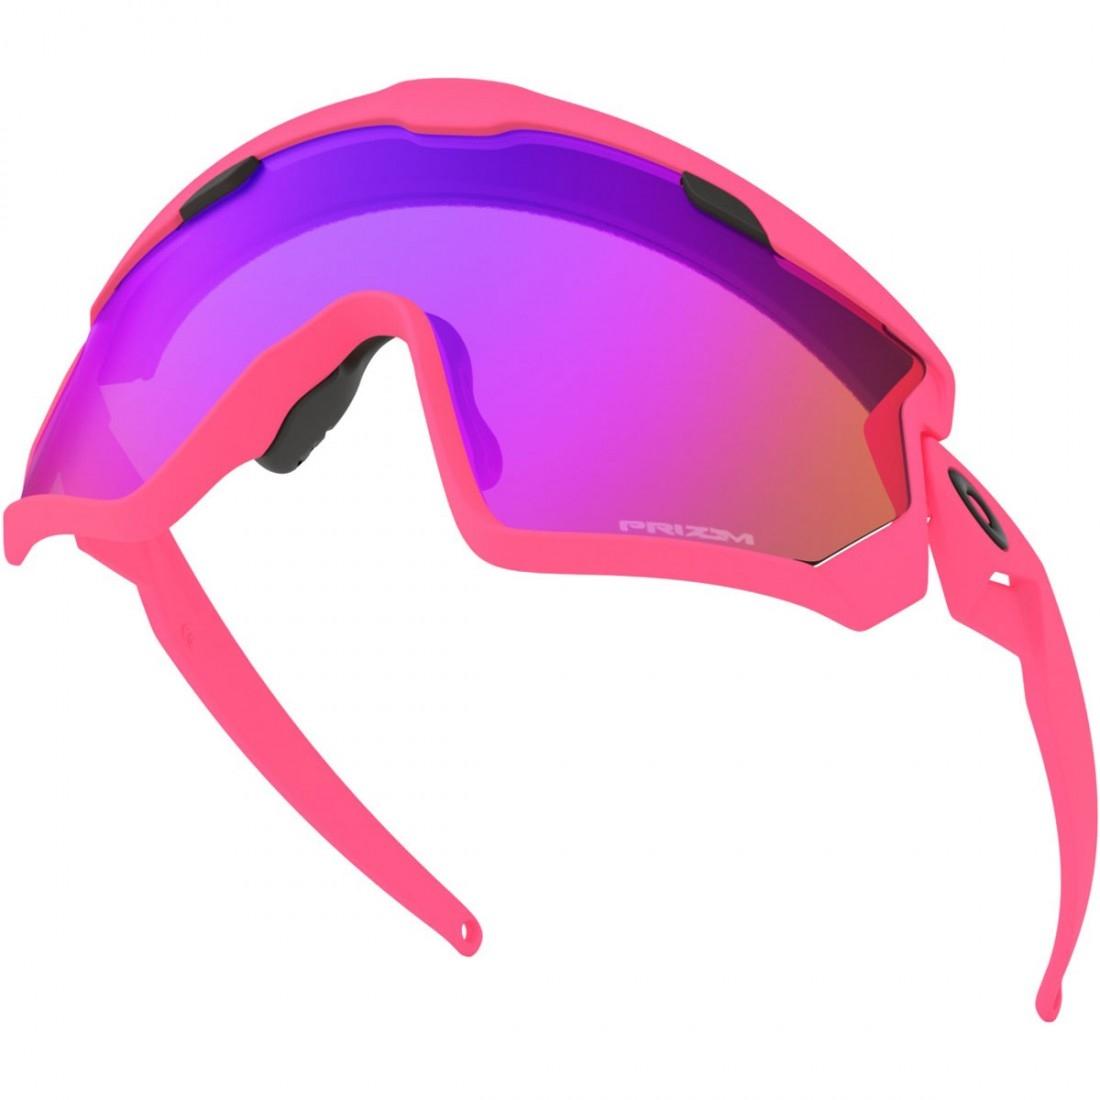 Matte Wind Lunettes Trail Masque Prizm 0 Neon Jacket Oakley 2 Pink y0wv8mNnO